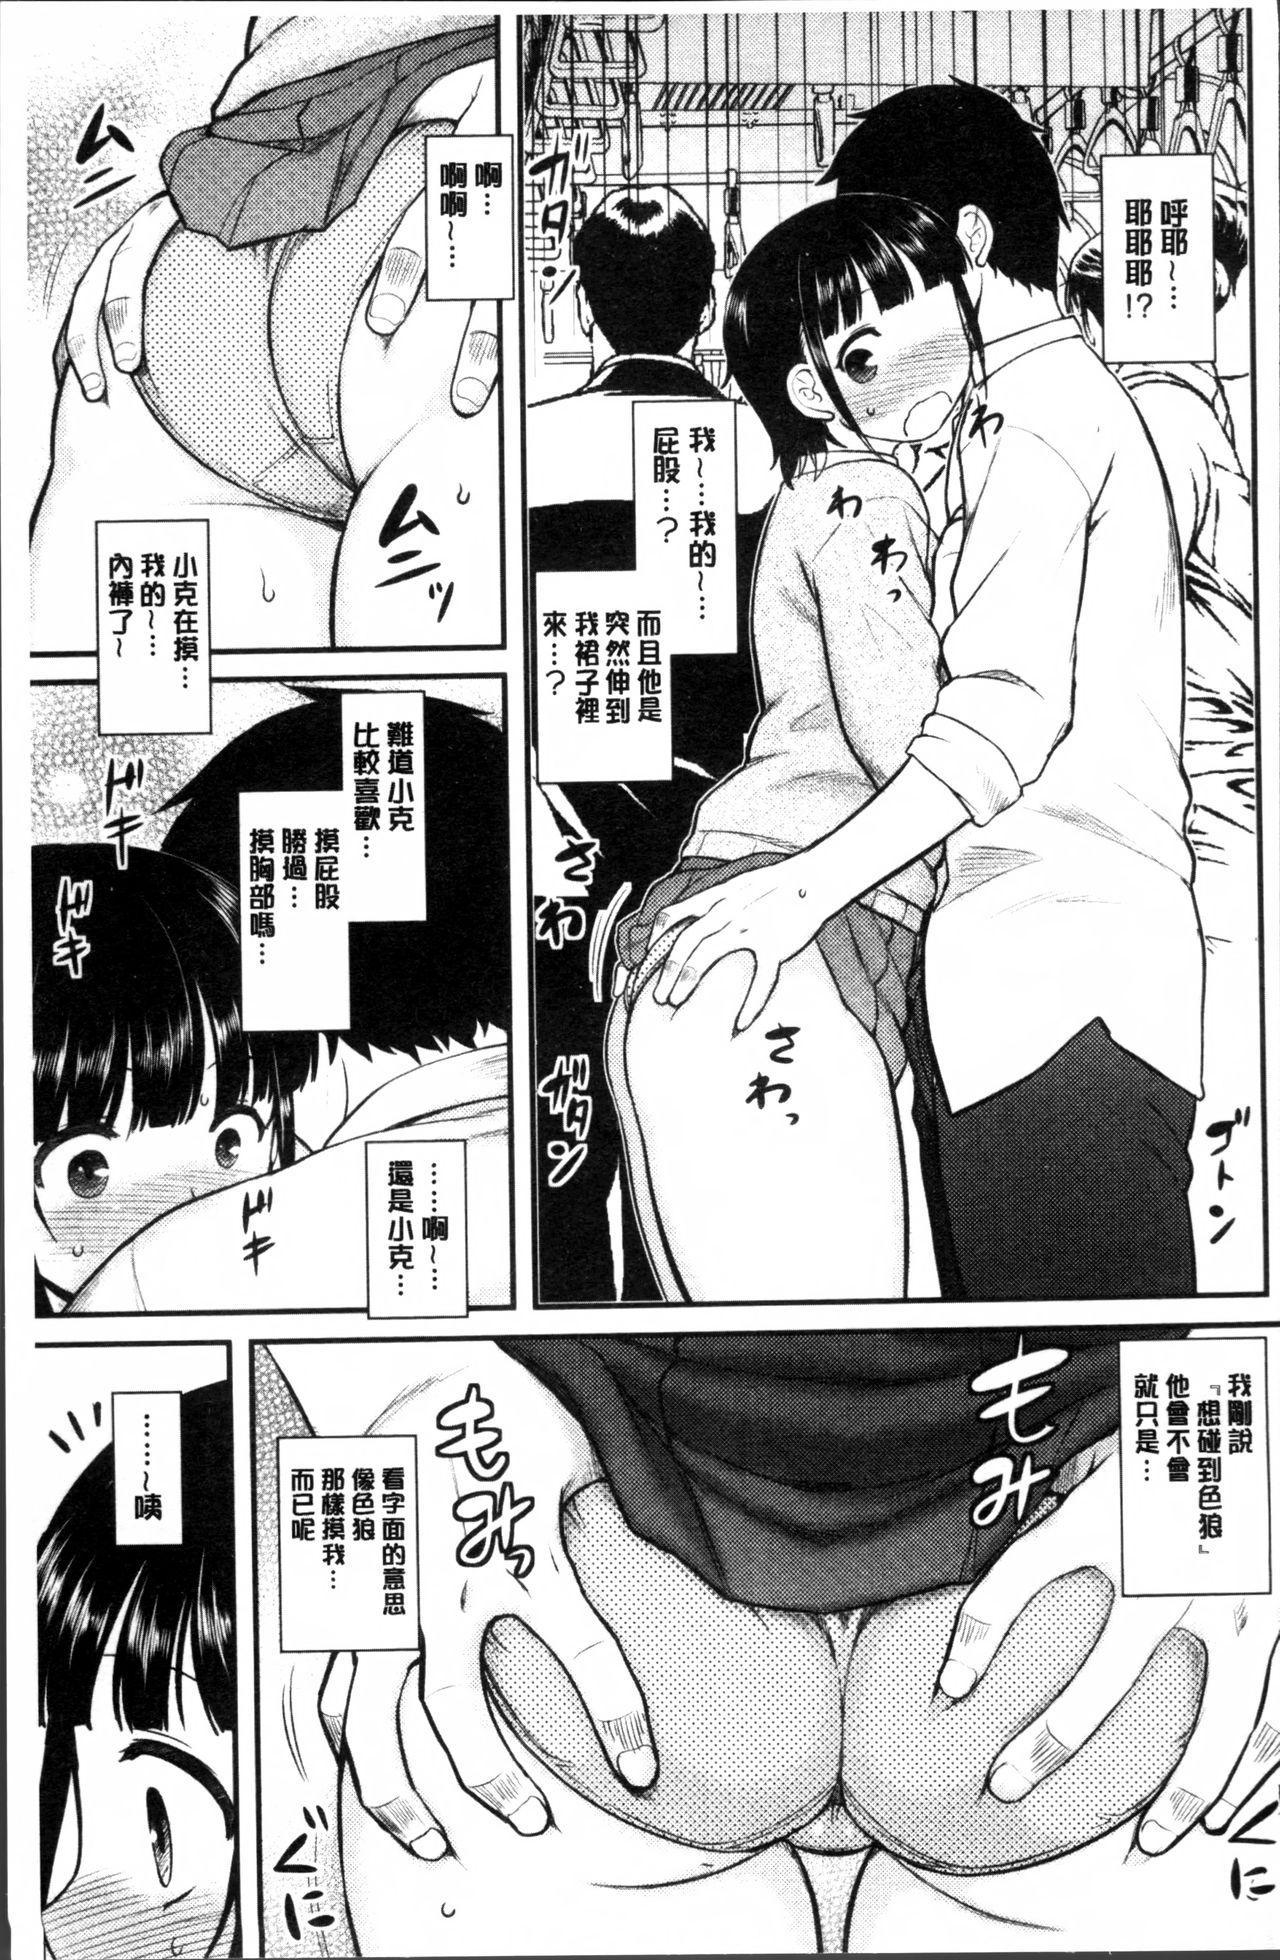 Hatsukoi Splash! 33